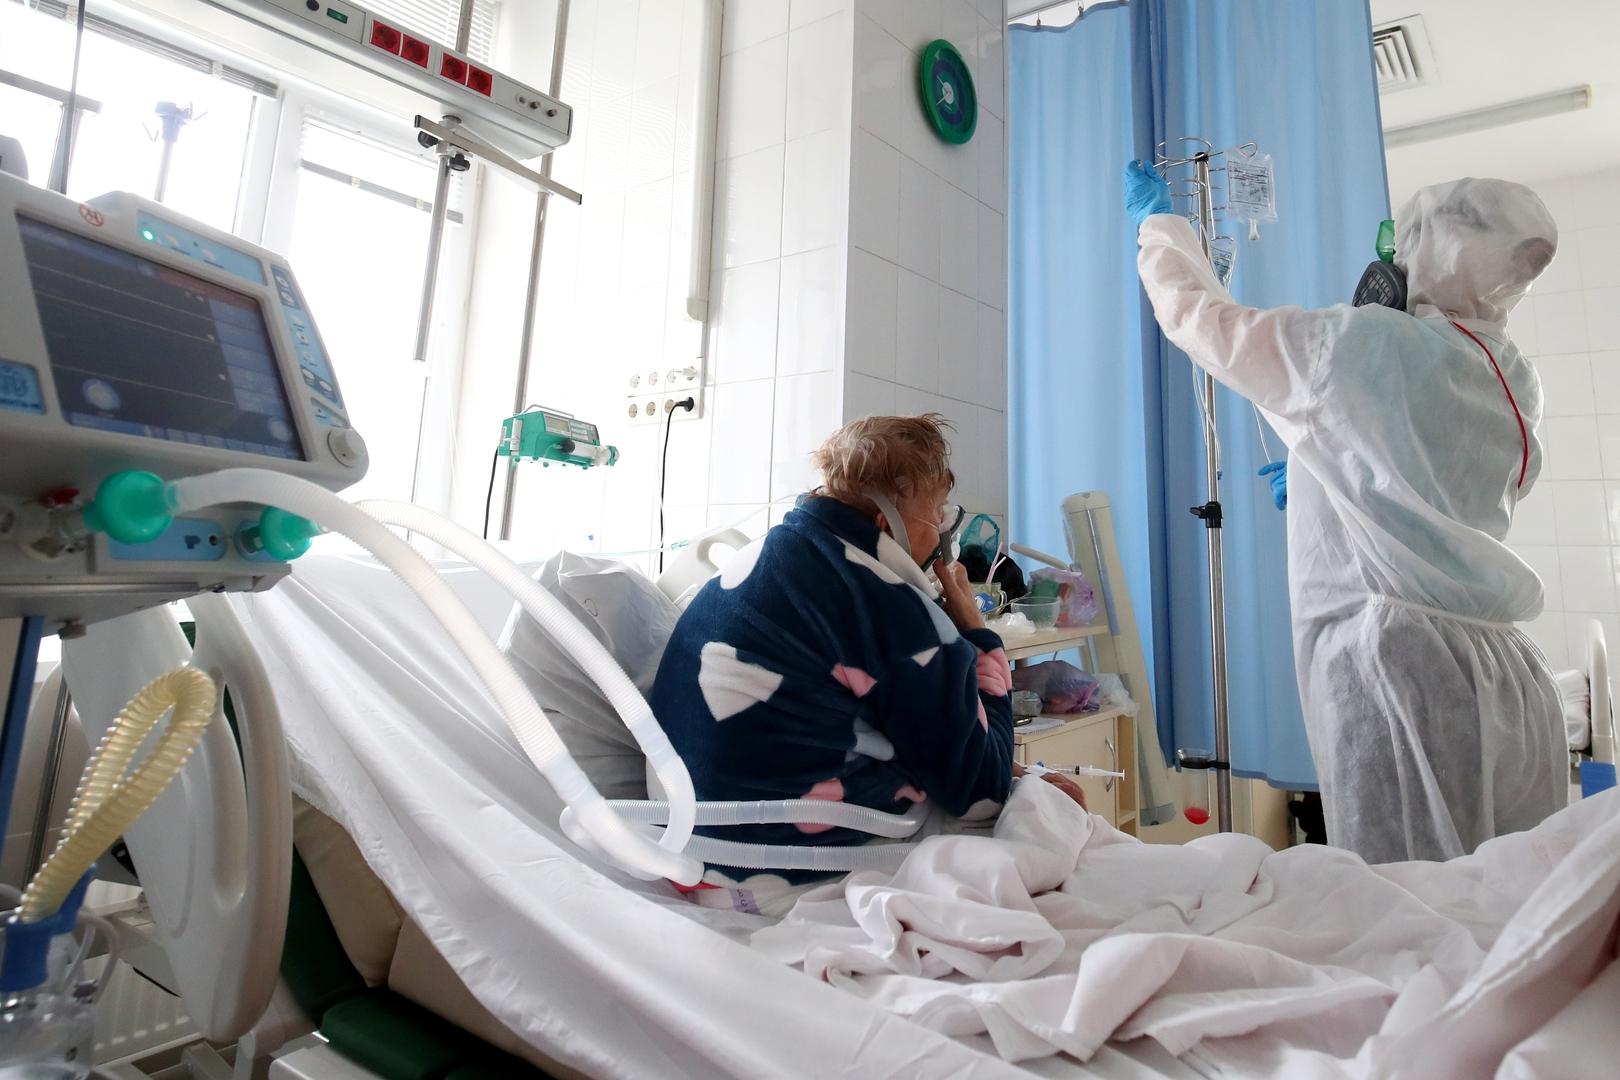 روسيا تسجل 398 وفاة و8944 إصابة جديدة بفيروس كورونا خلال 24 ساعة